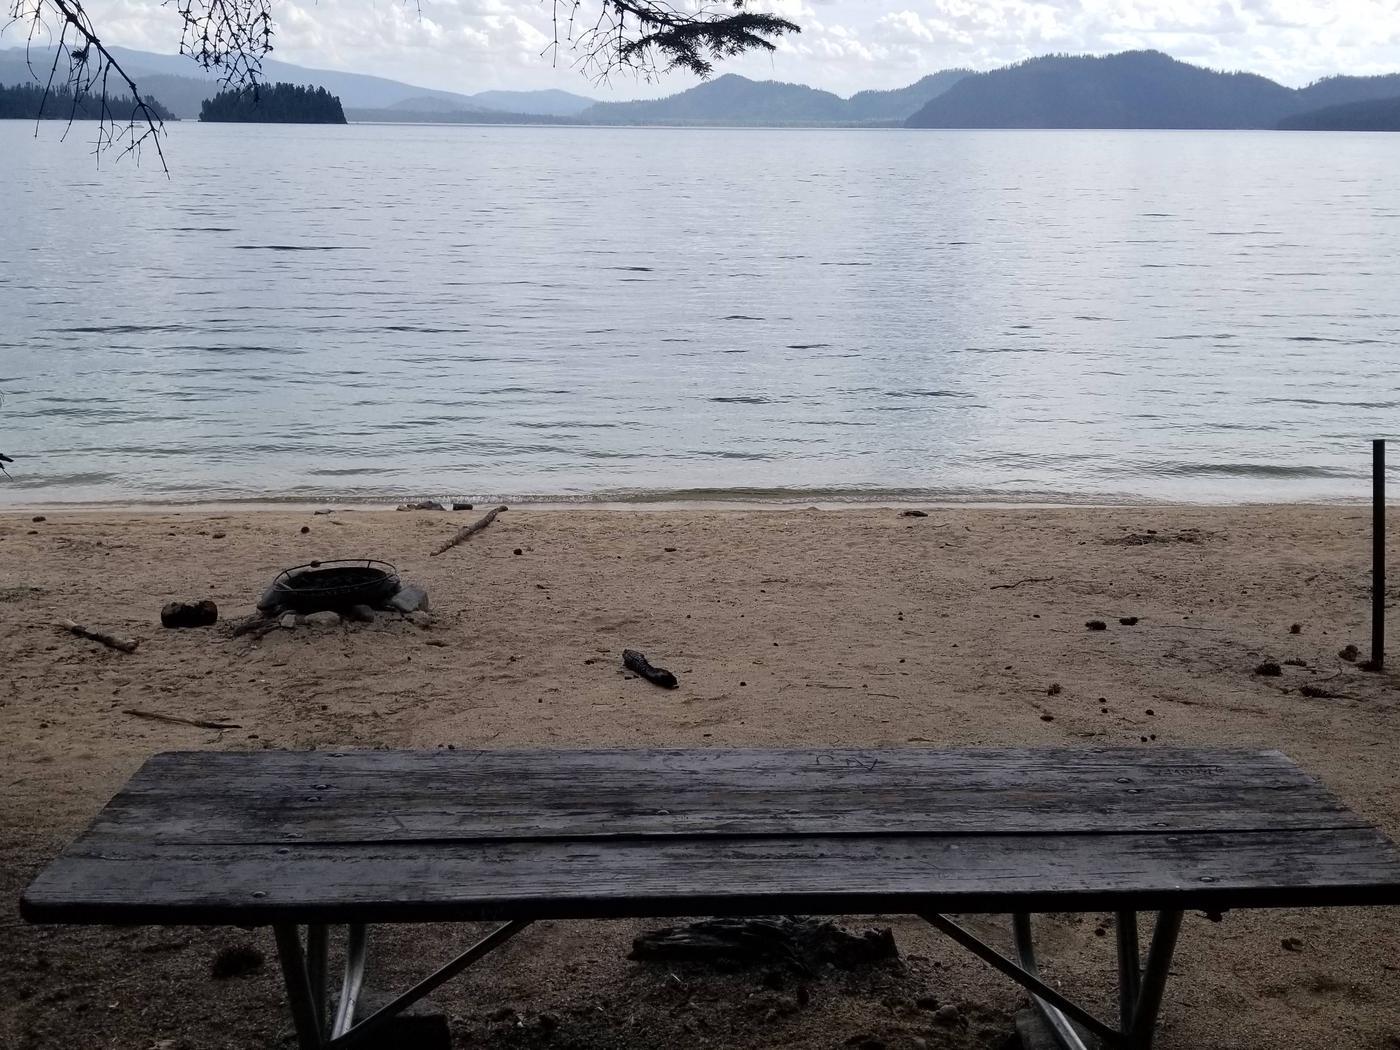 Sunshine Site #18Sunshine Boat-in Campsite #18